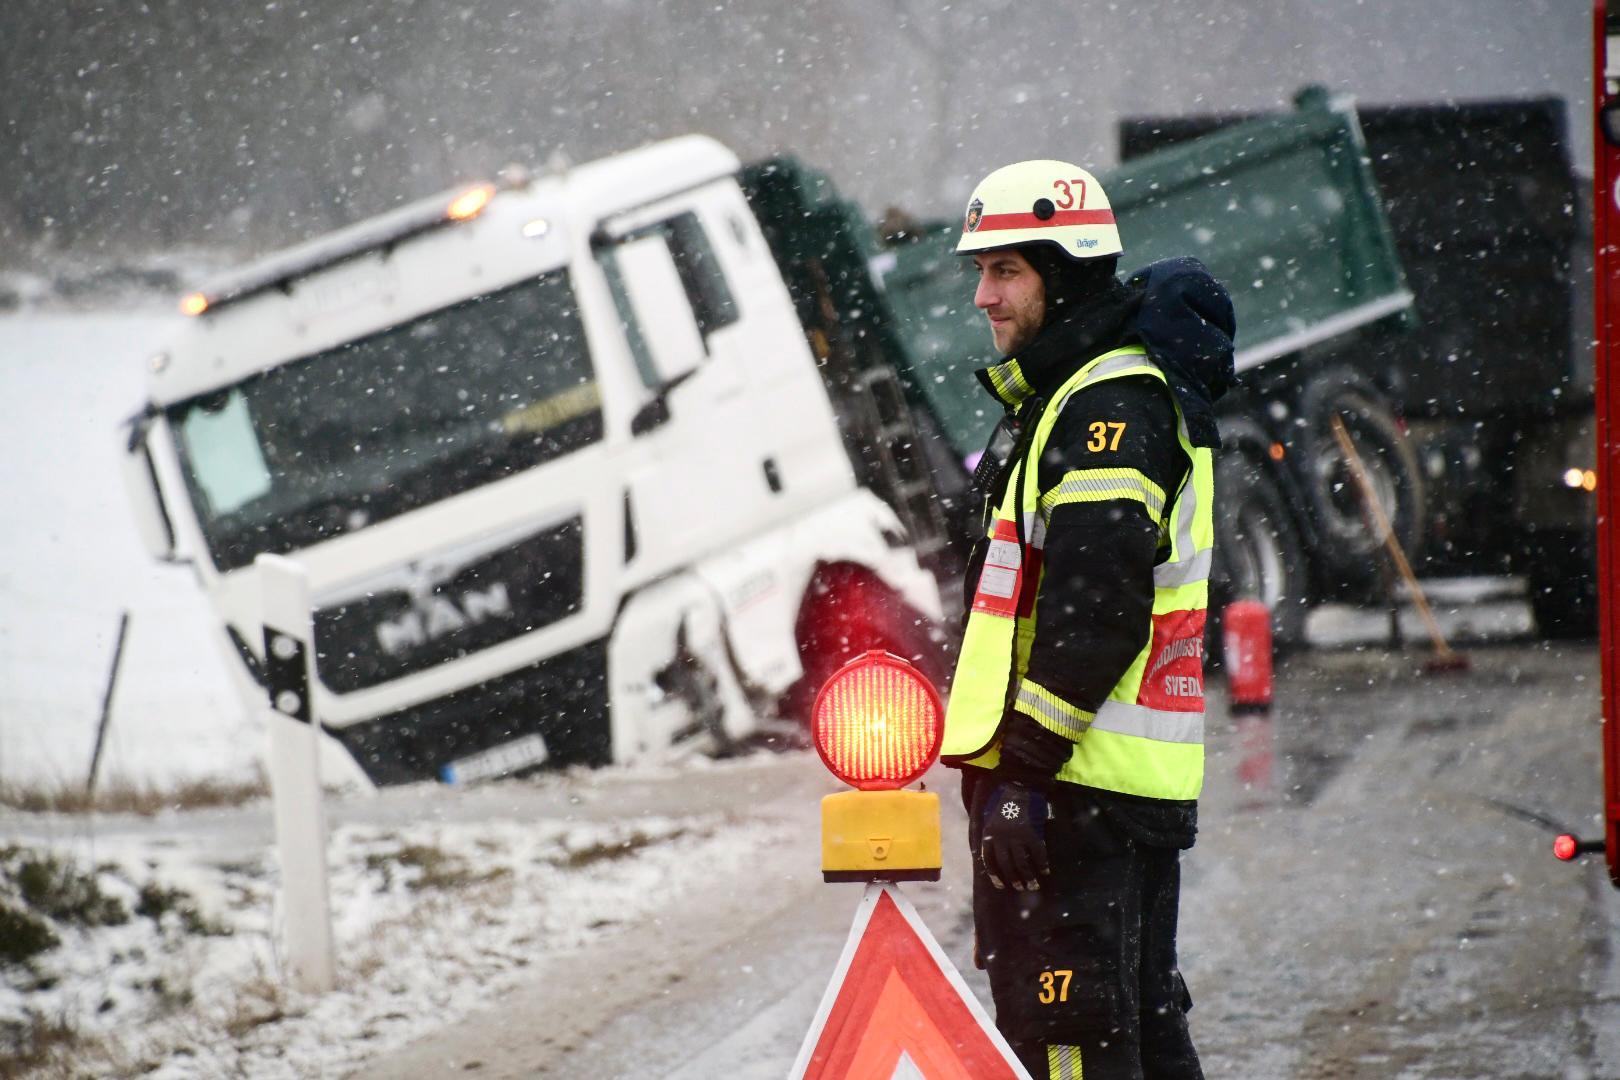 Olycka på Norra Sturupsvägen utanför Holmeja i Skåne.